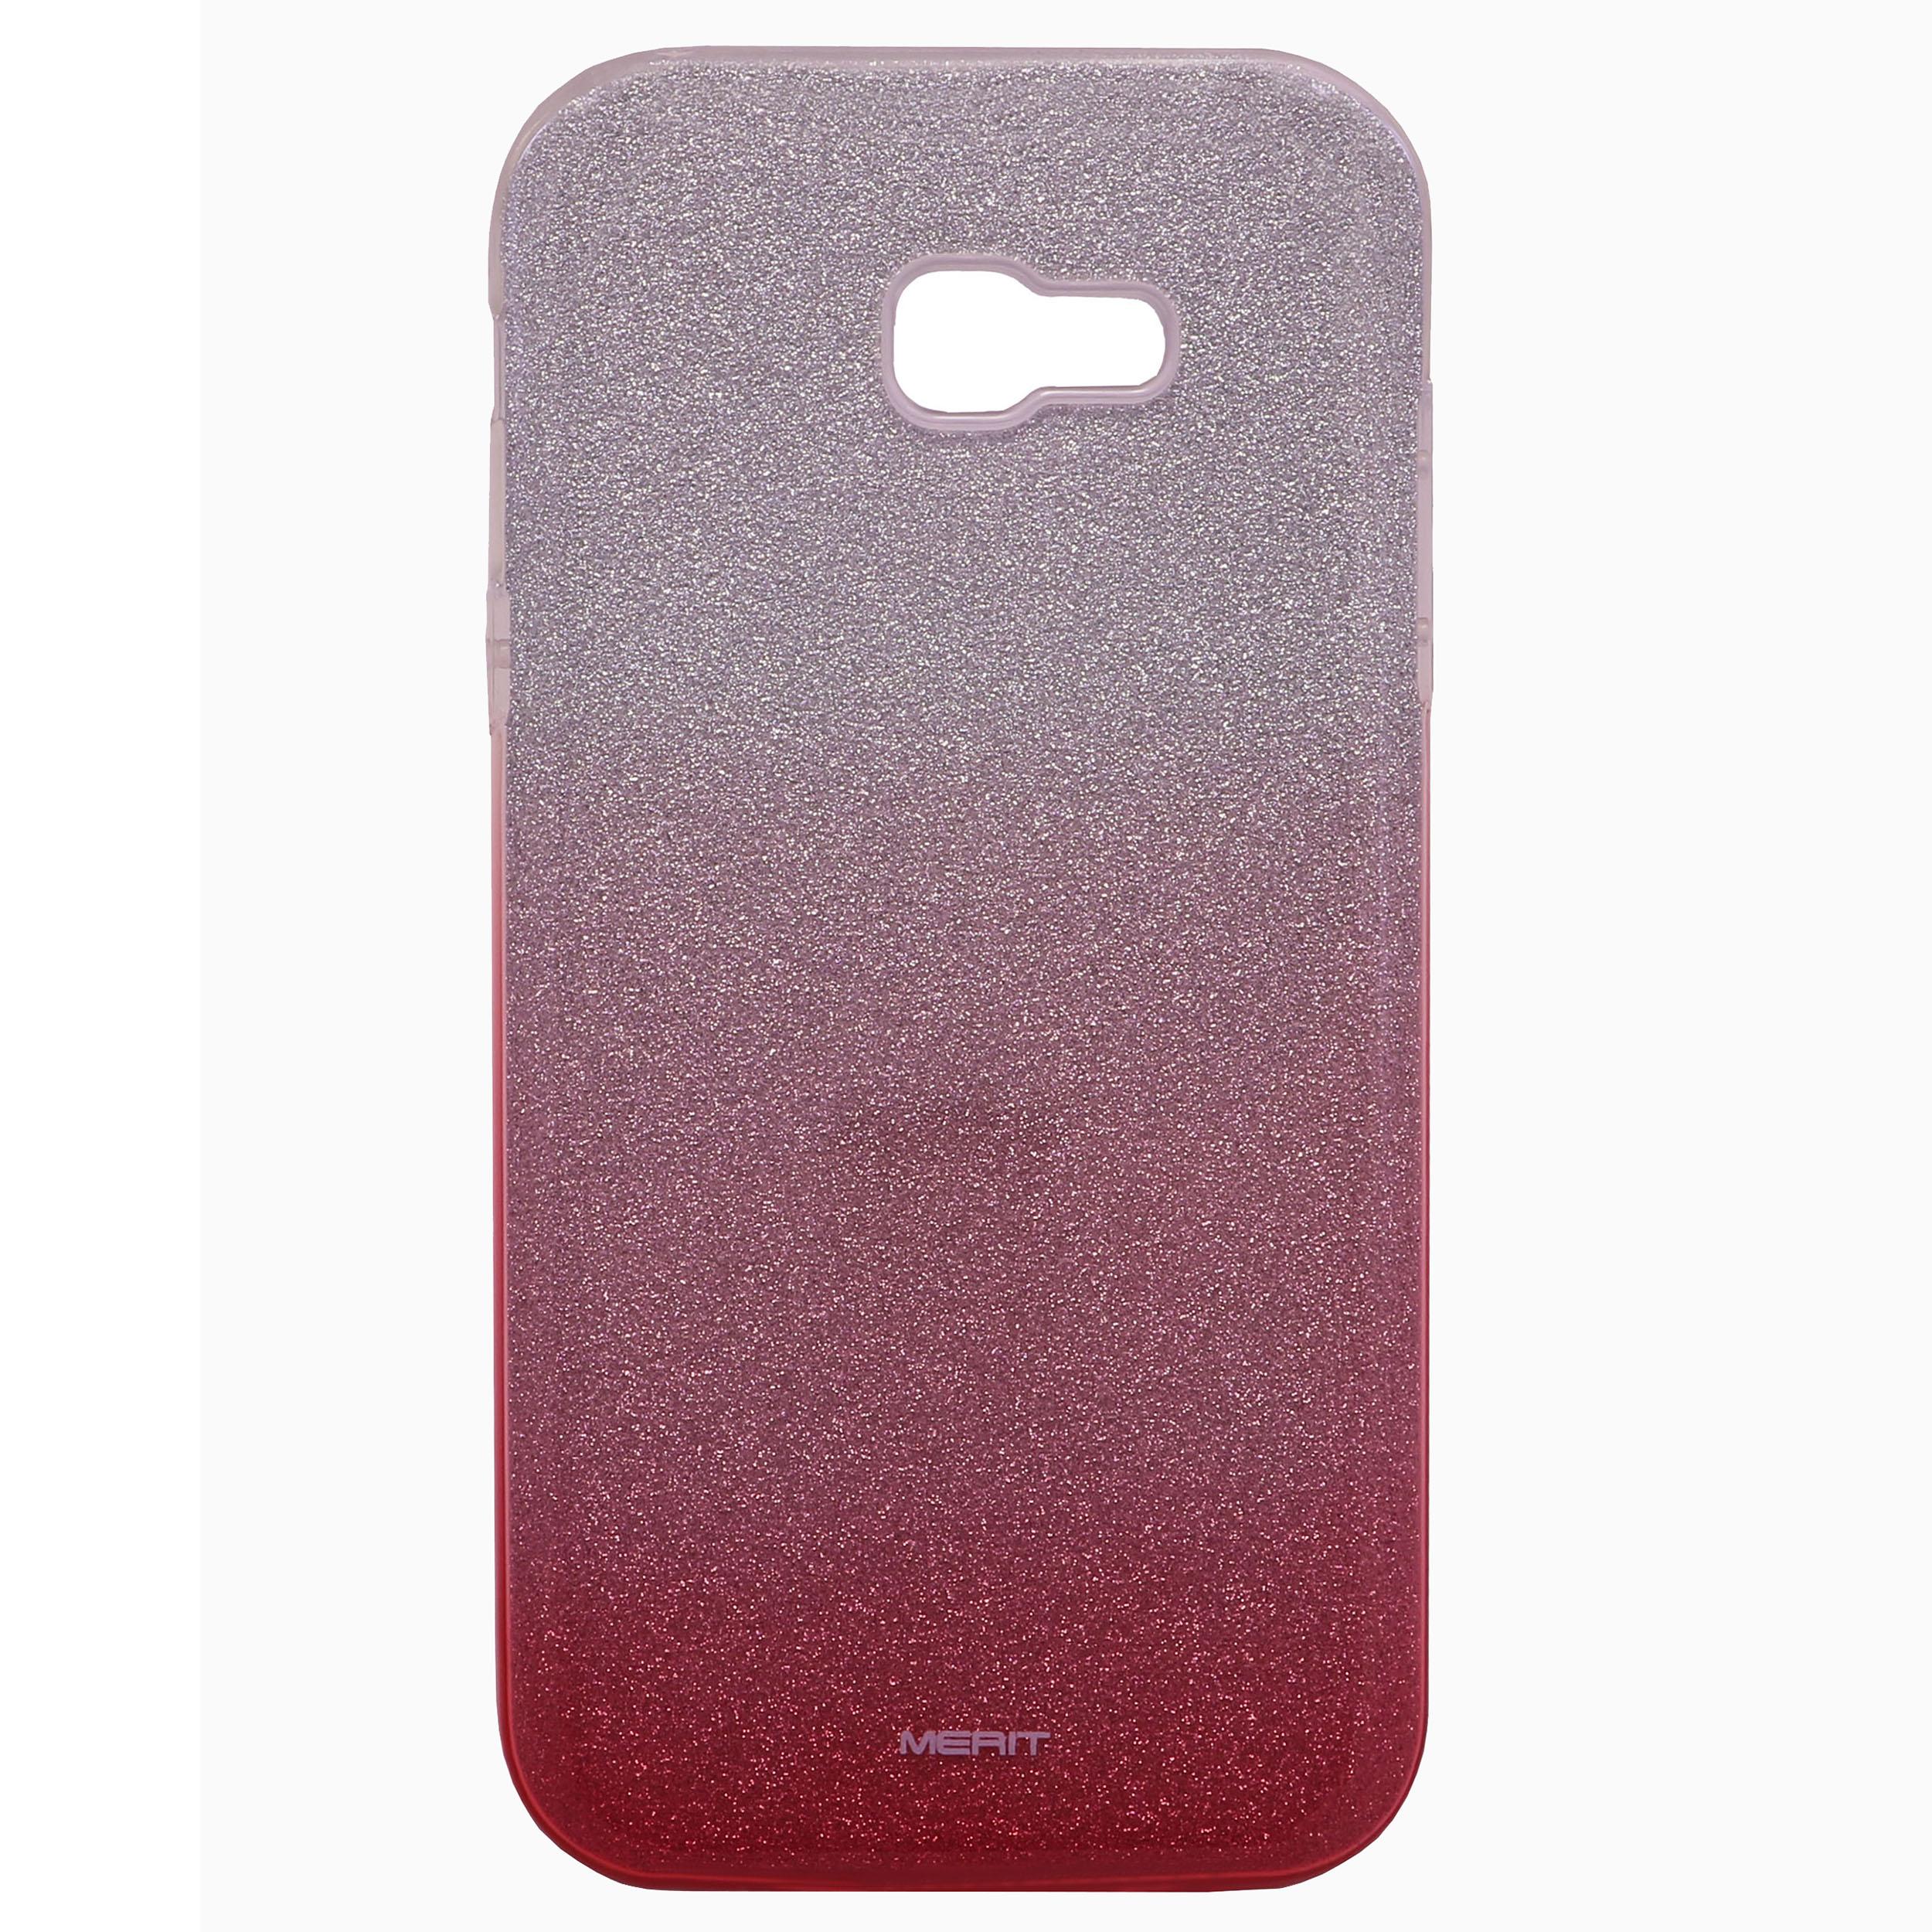 کاور مریت طرح اکلیلی کد 9804105011 مناسب برای گوشی موبایل سامسونگ Galaxy A7 2017